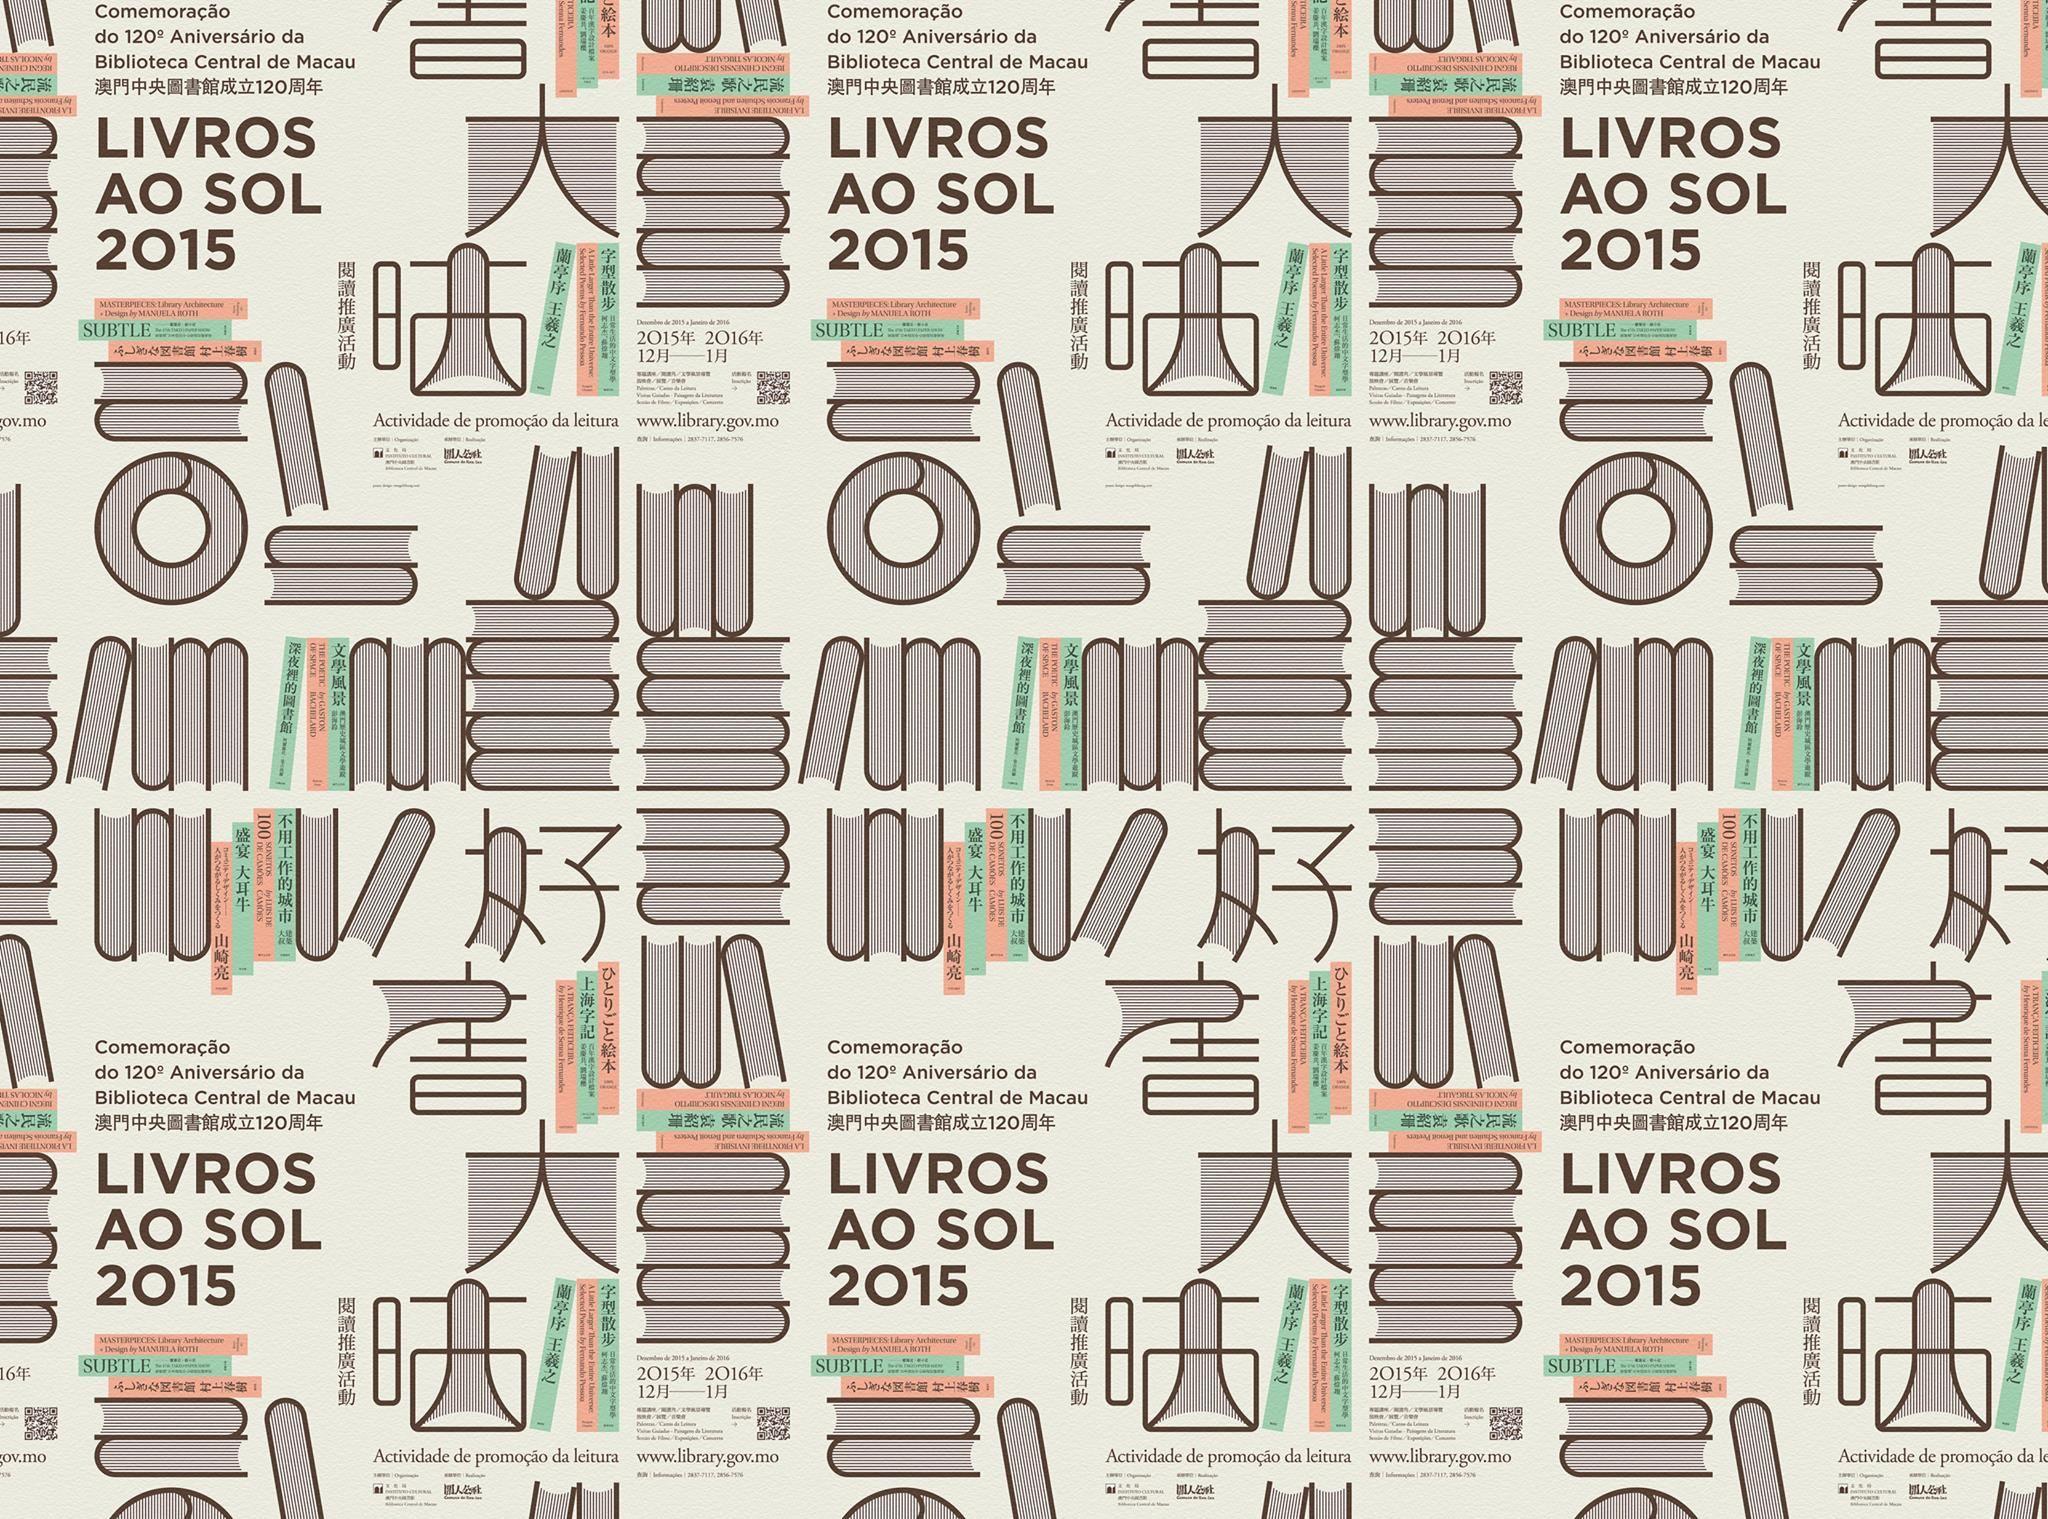 澳門中央圖書館成立 120 周年 Comemoração do 120º Aniversário da  Biblioteca Central de Macau  好書大晒 2015:閱讀推廣活動 LIVROS AO SOL 2O15 Actividade de promoção da leitura